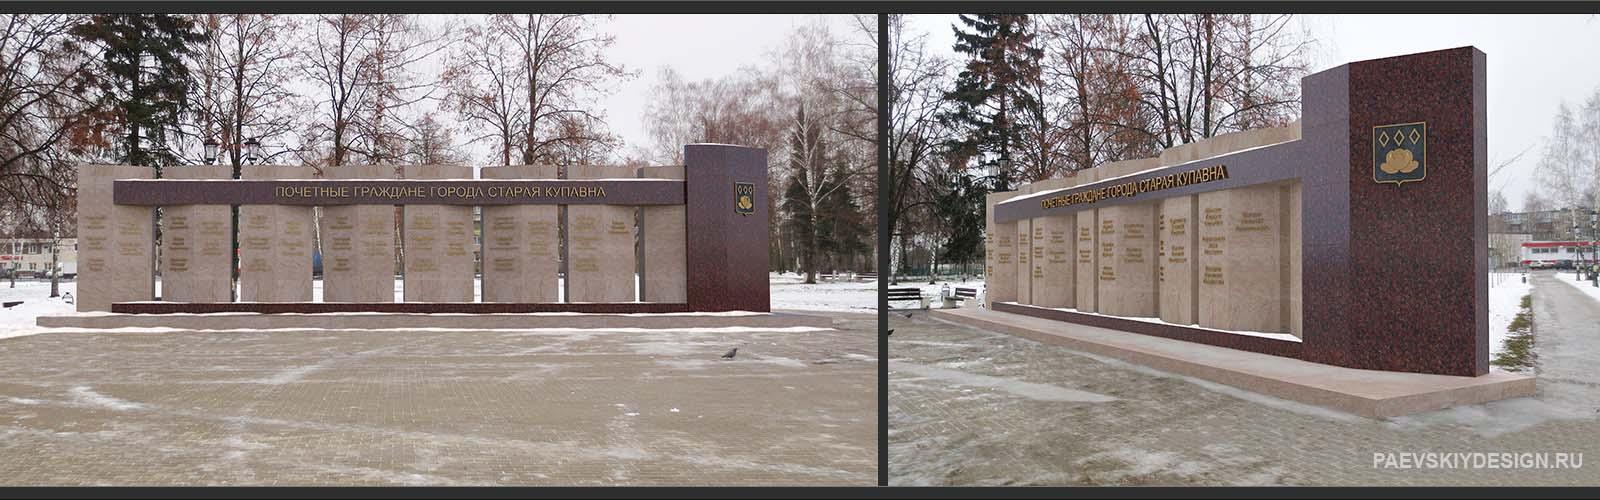 Дизайн проект стеллы почетных граждан